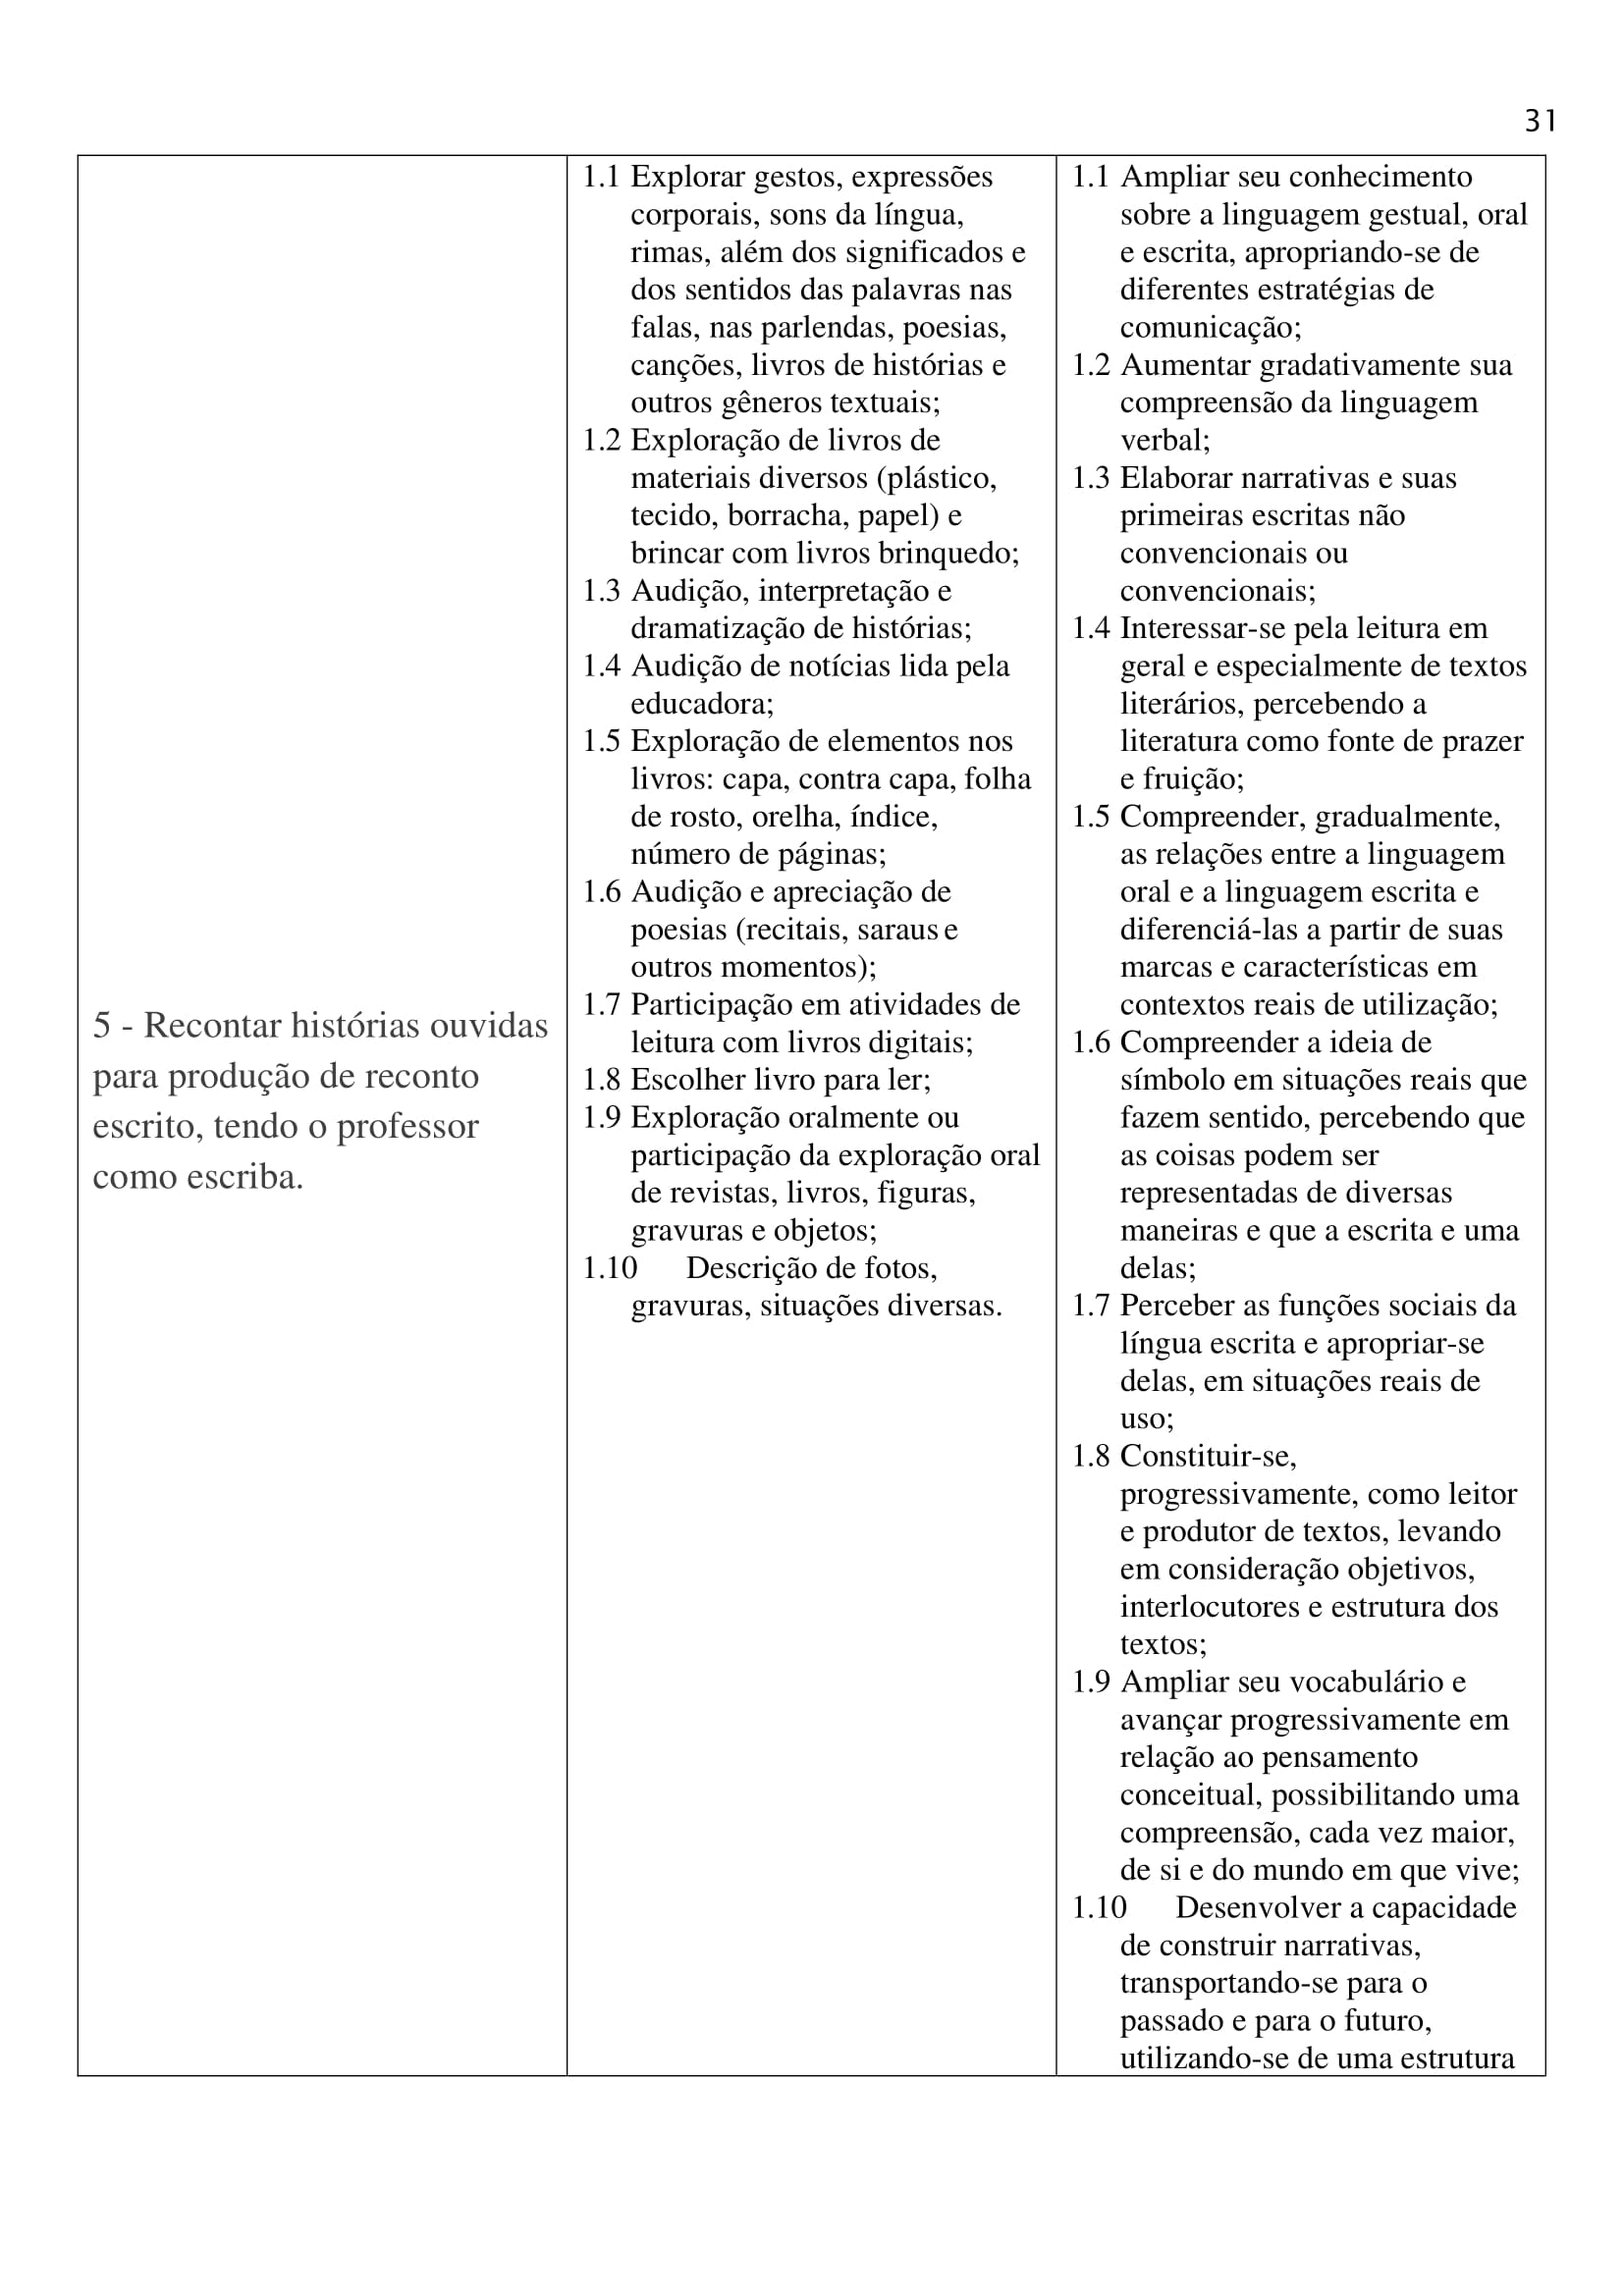 planejamento-educação-infantil-bncc-geral-61